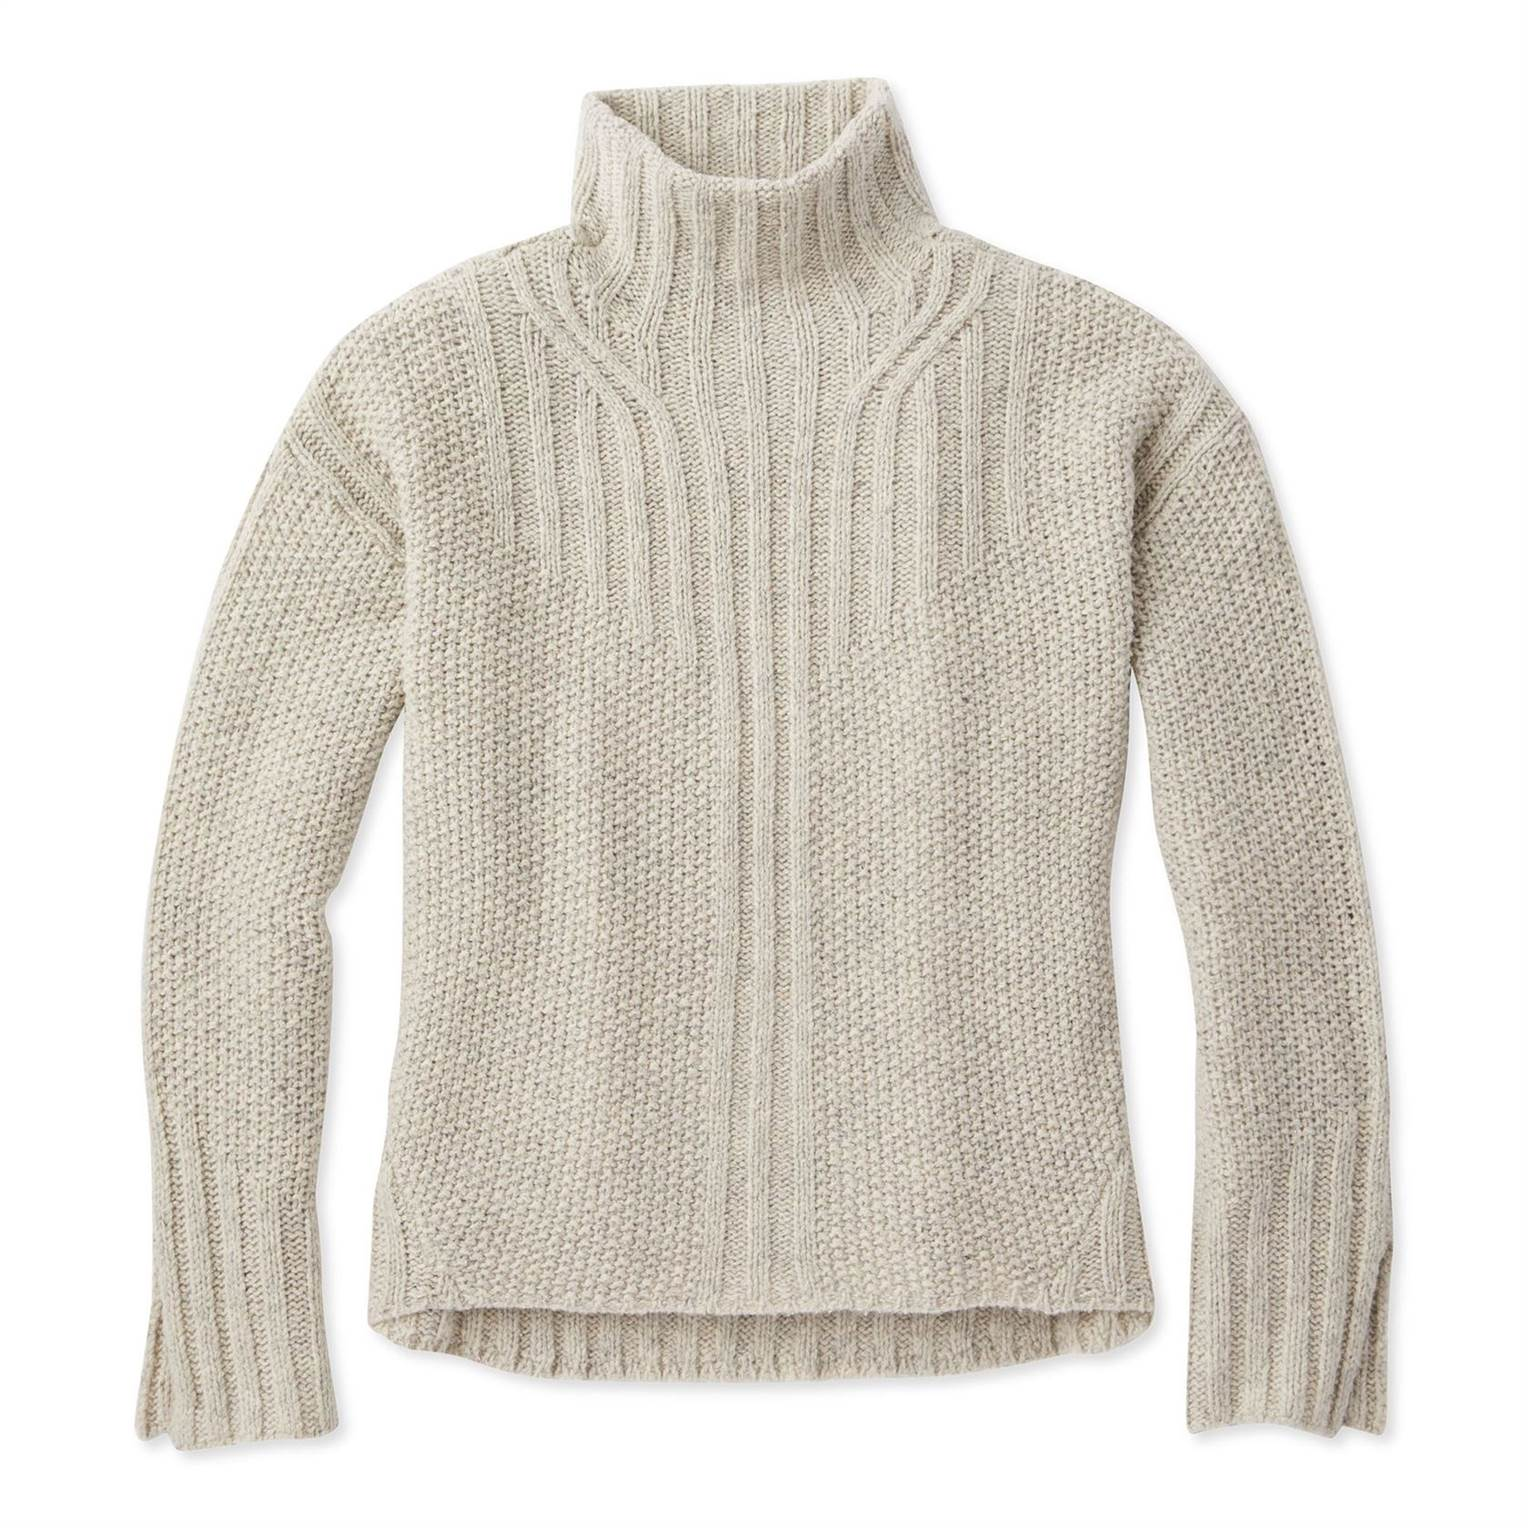 Spruce Creek Sweater - Women's